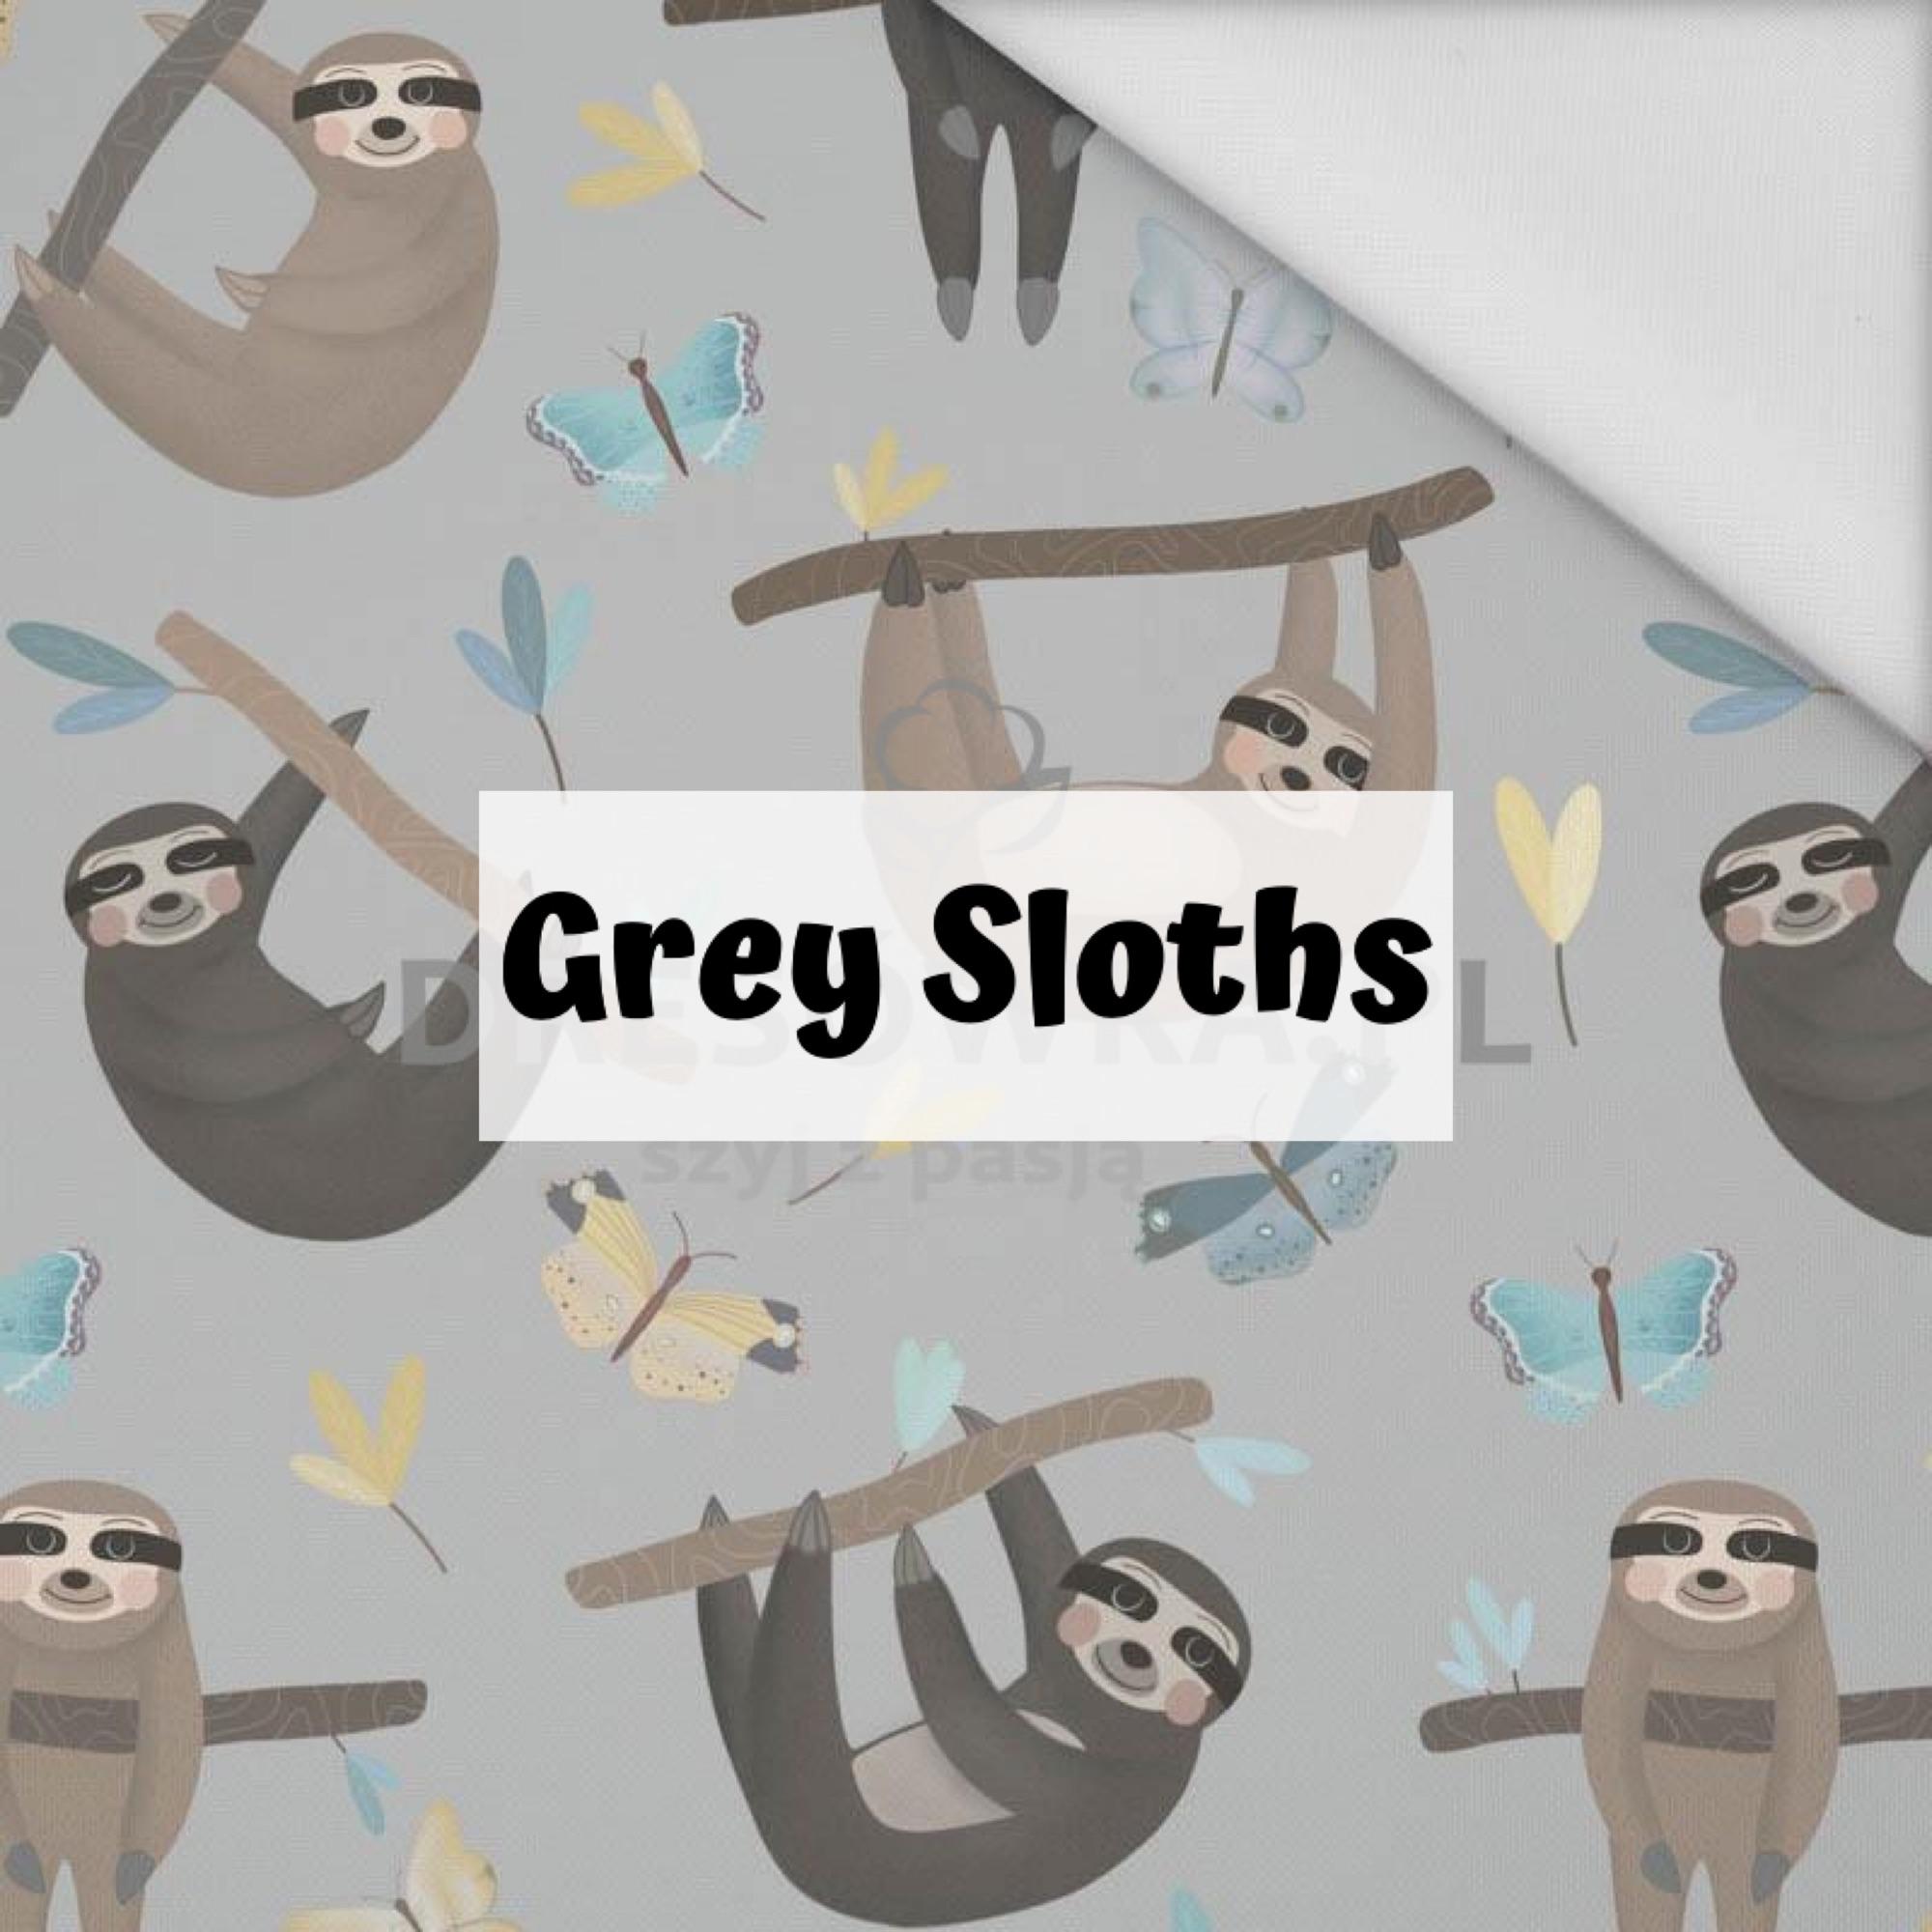 Grey Sloths